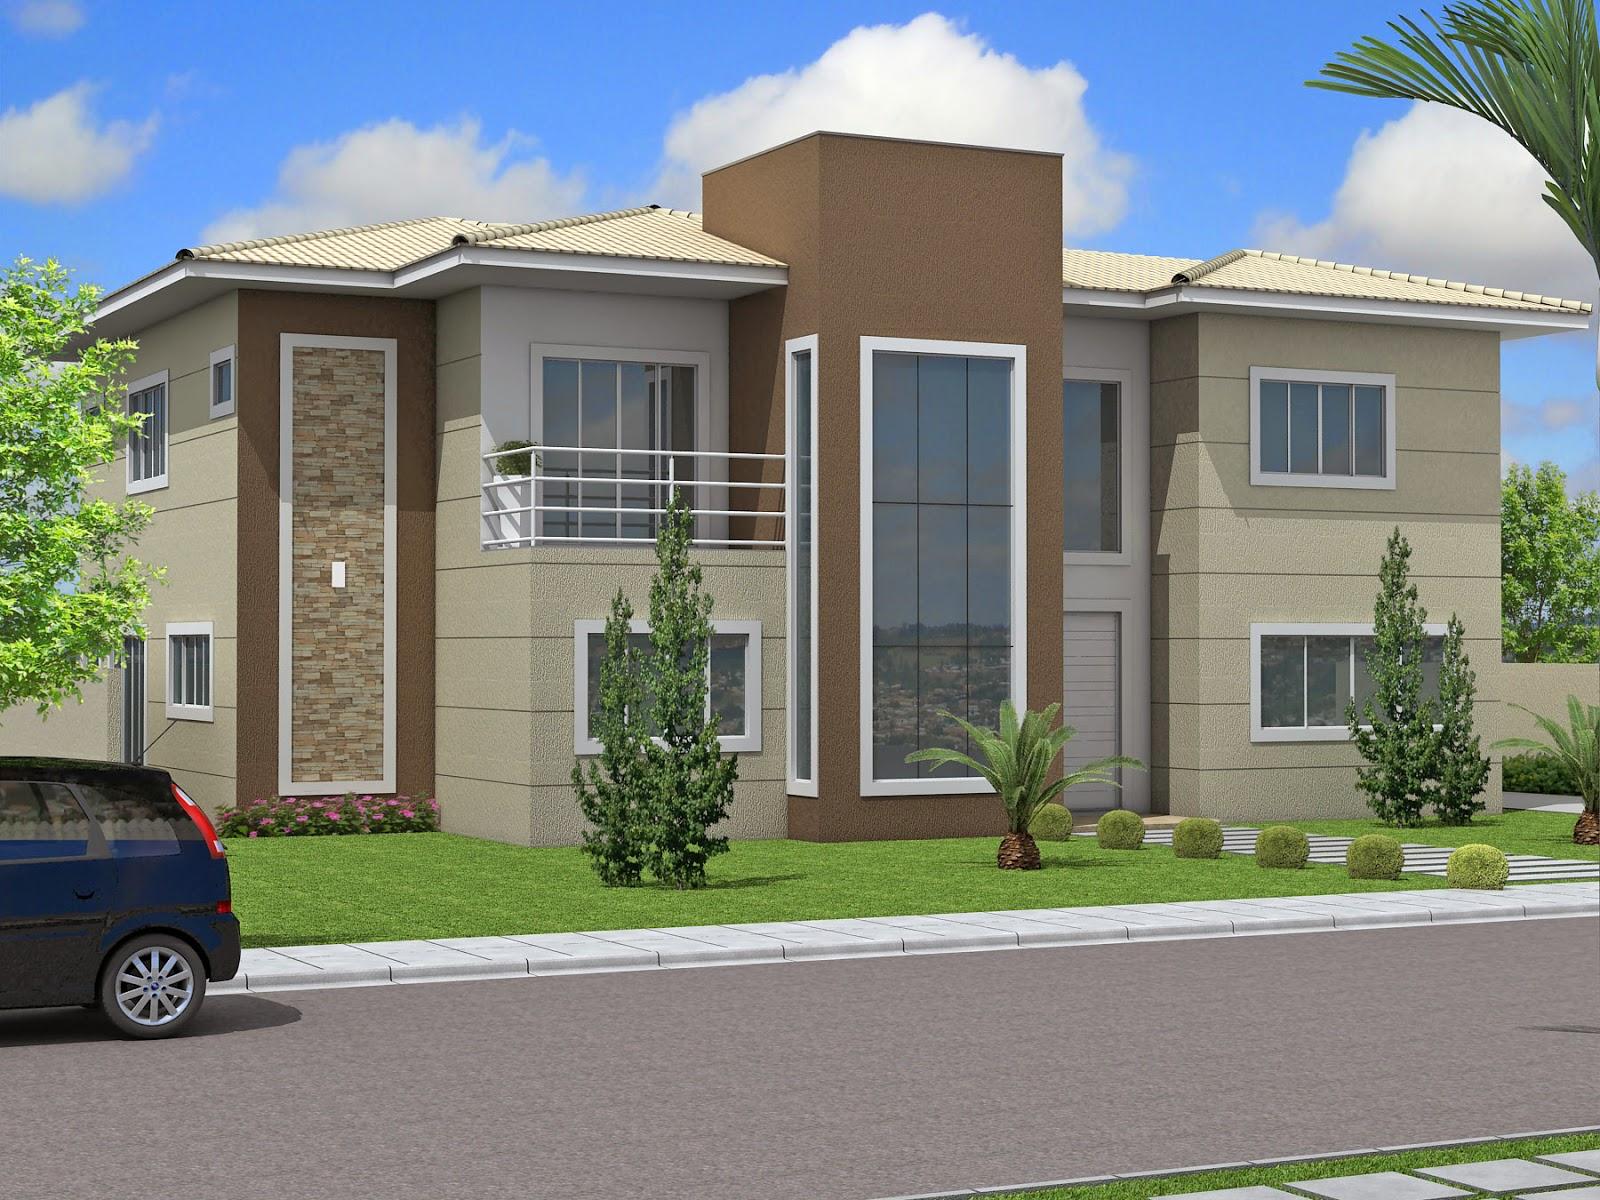 Espeloteada e patricinha cor da fachada e como conciliar vontades opostas - Fachada de casas ...